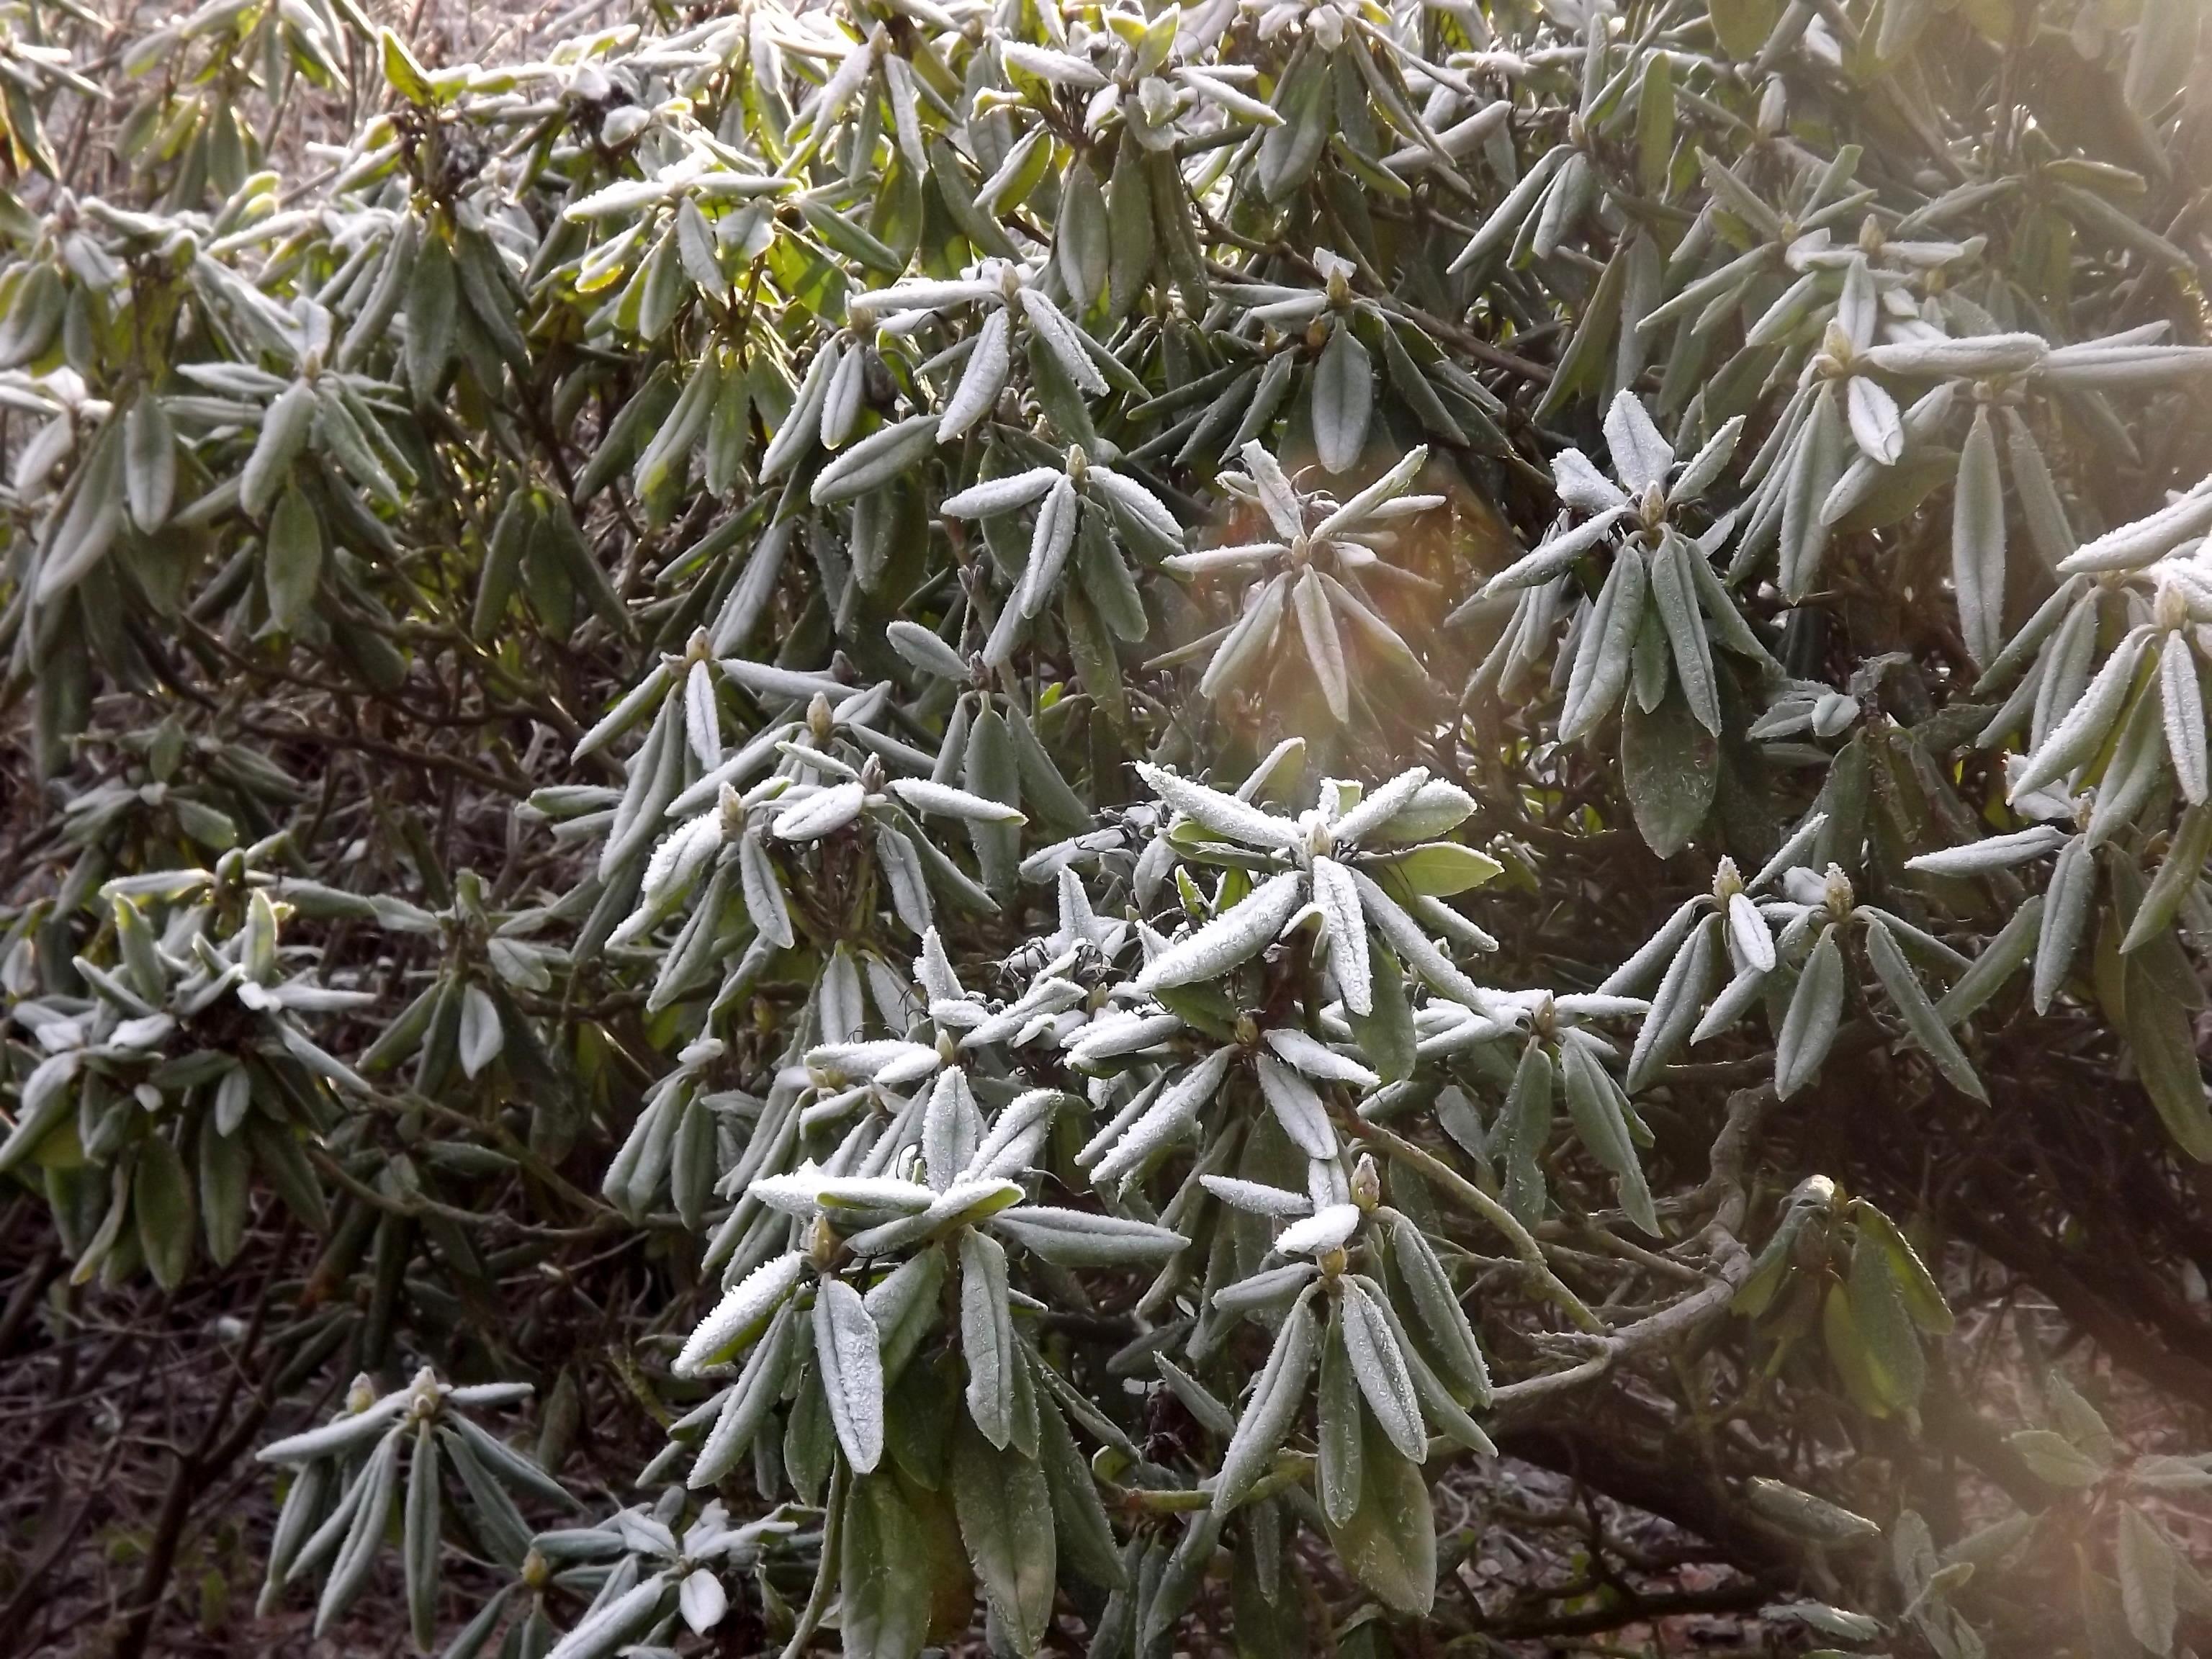 8381-vereiste-rhododenron-blaetter